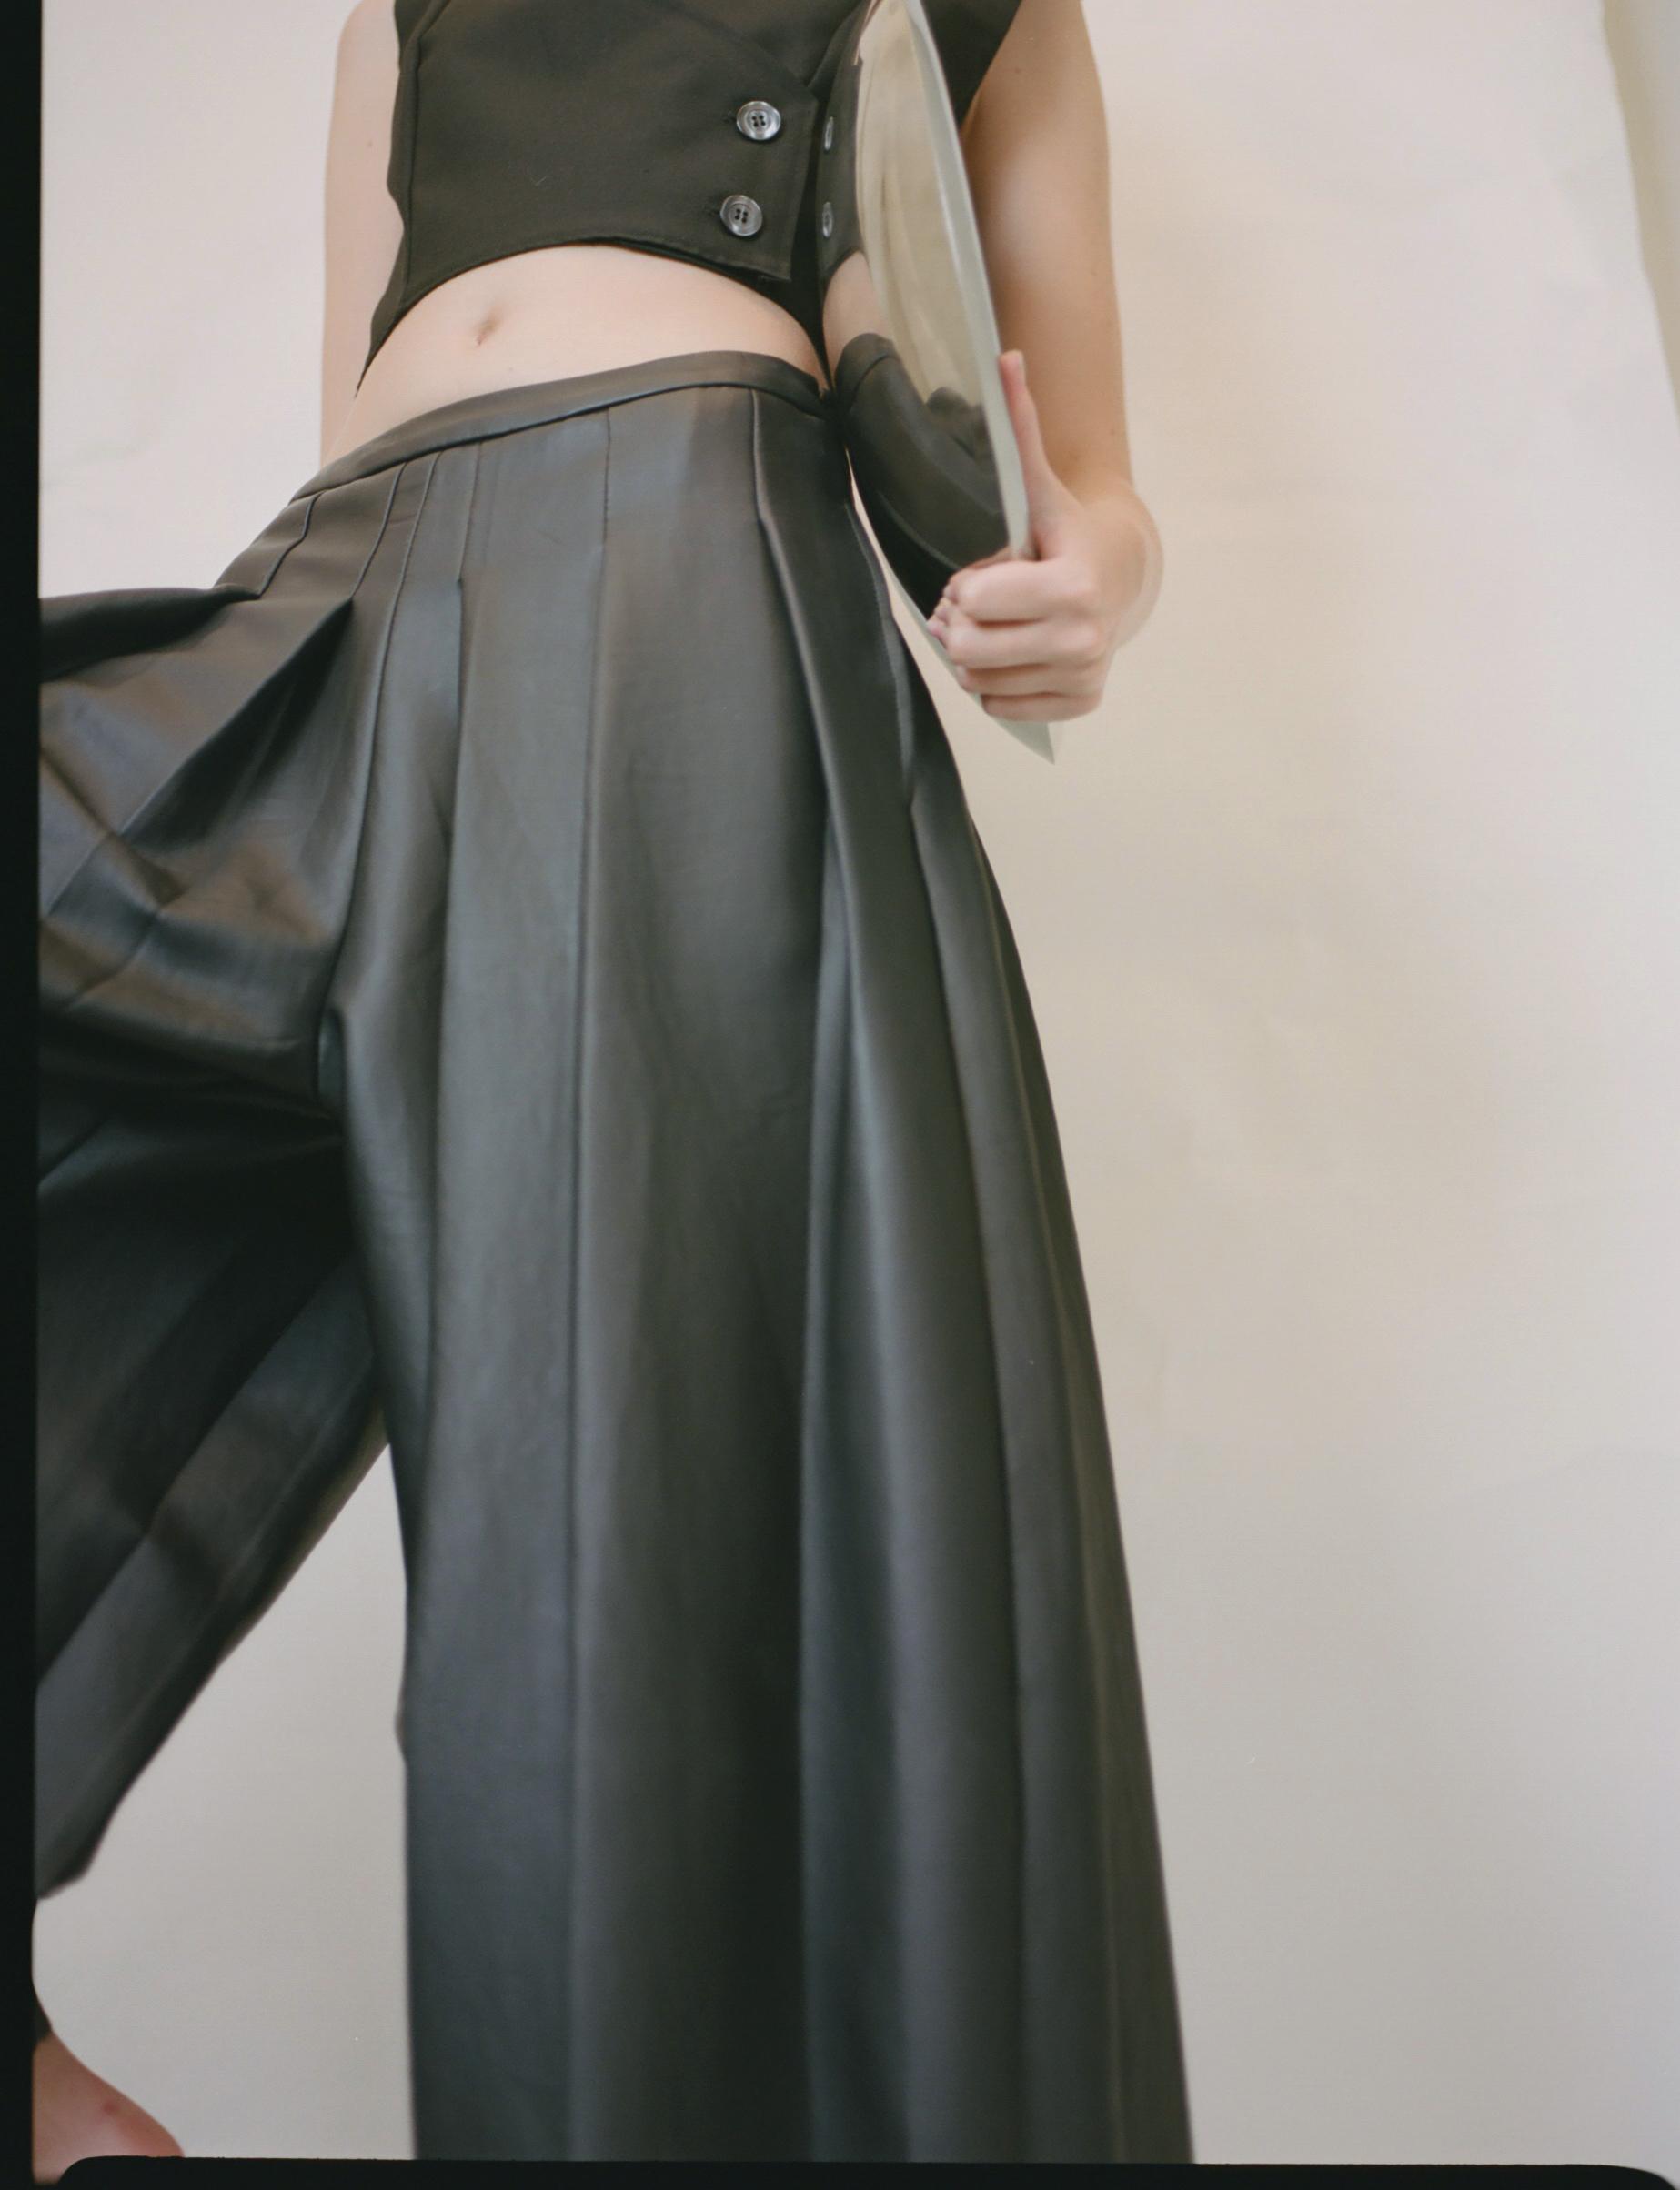 Top: XIAOQIAN SHAO Trousers: SIN'S SUIT